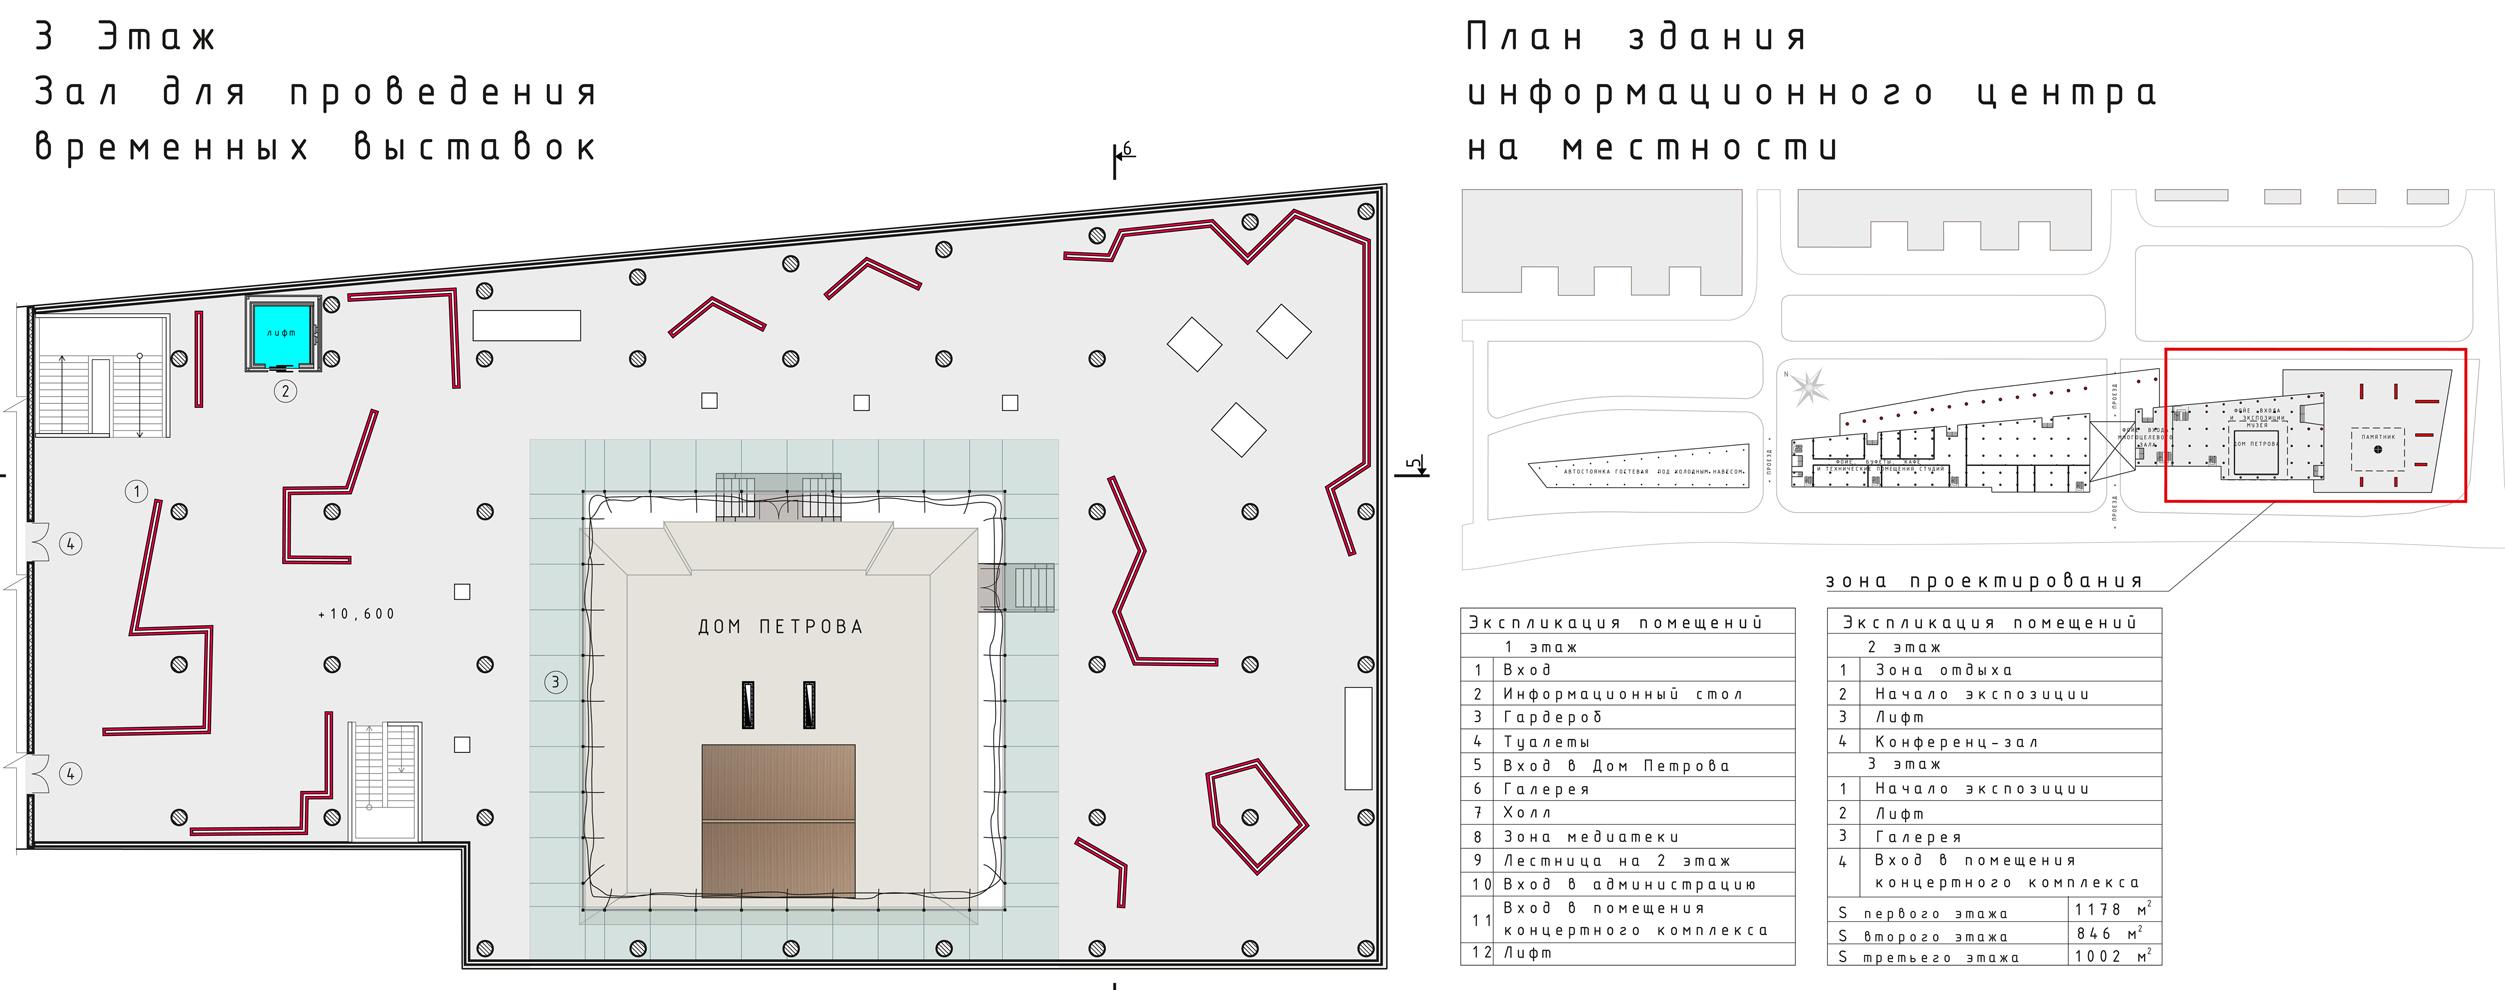 Экспозиция музея. схема